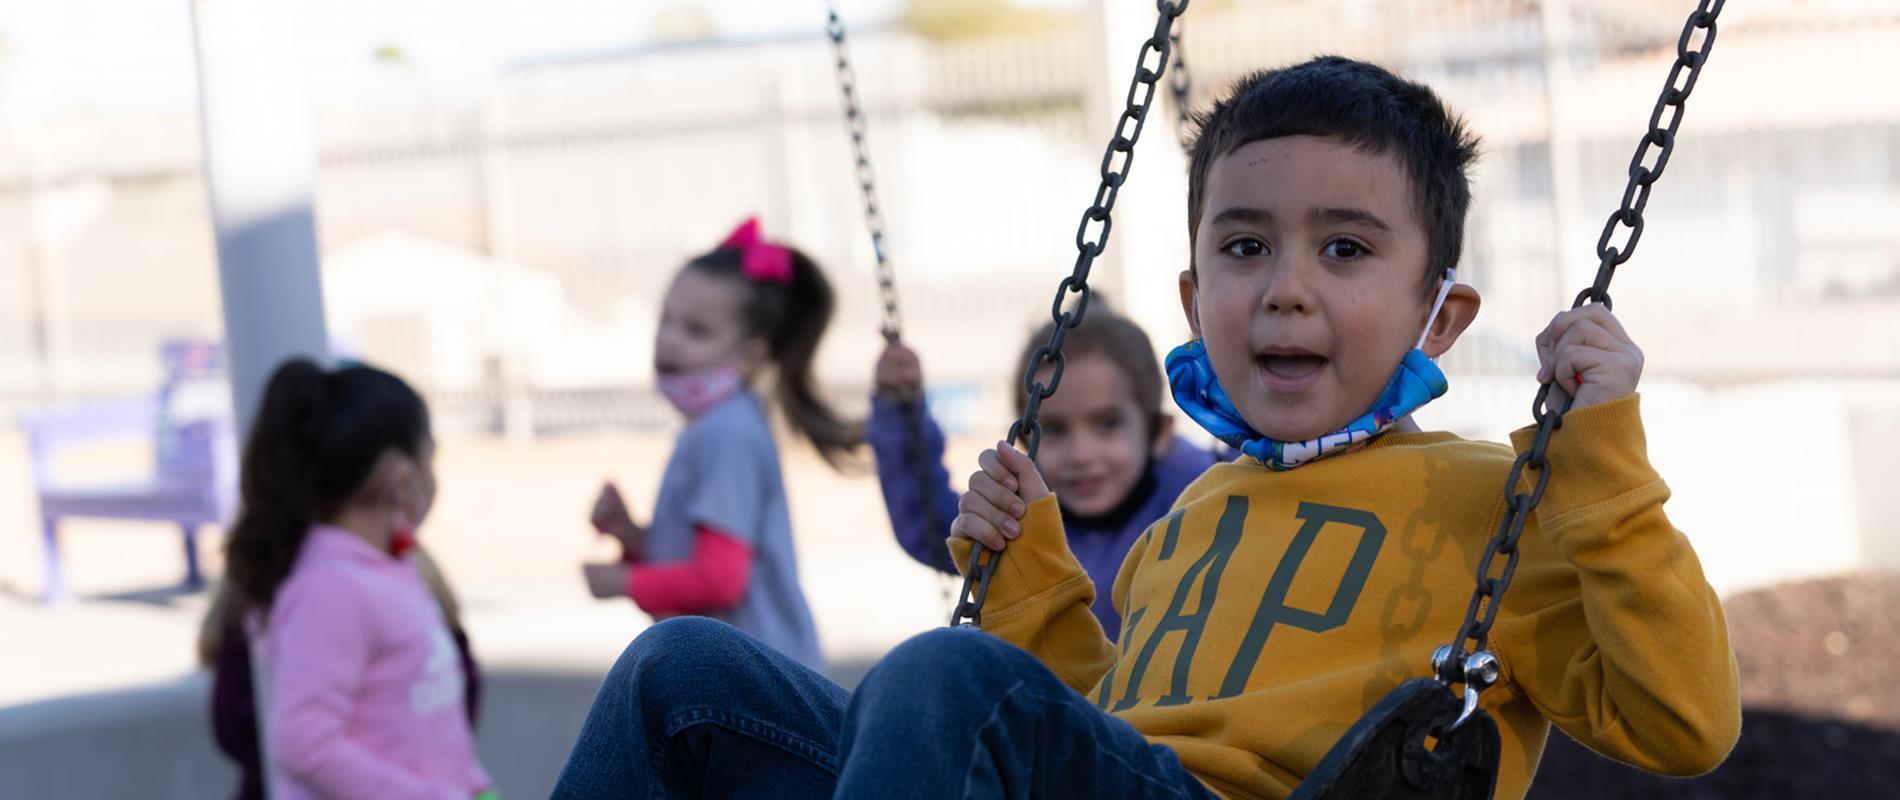 kids swinging on new playground